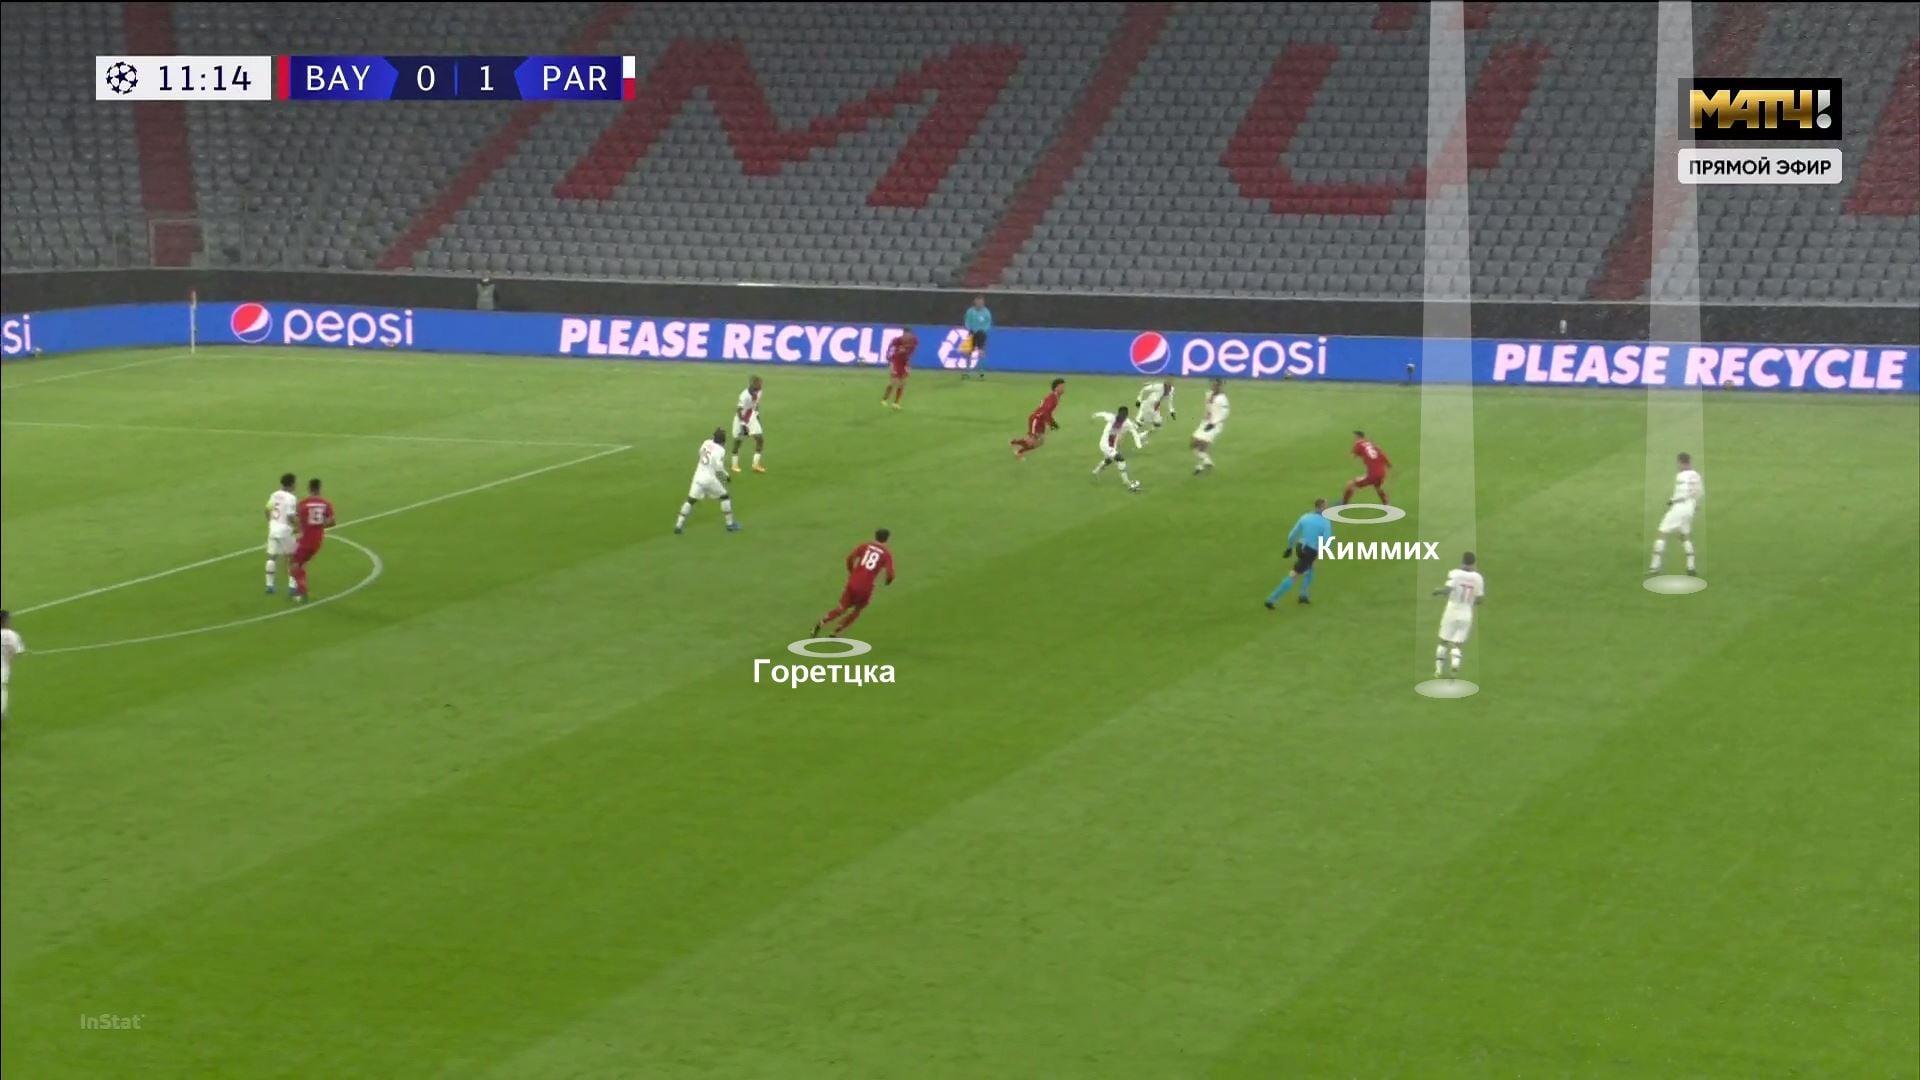 Быстрый гол Мбаппе взорвал матч «Бавария» – «ПСЖ». Ключевой стала дуэль Киммих-Неймар, «Бавария» создала намного больше моментов